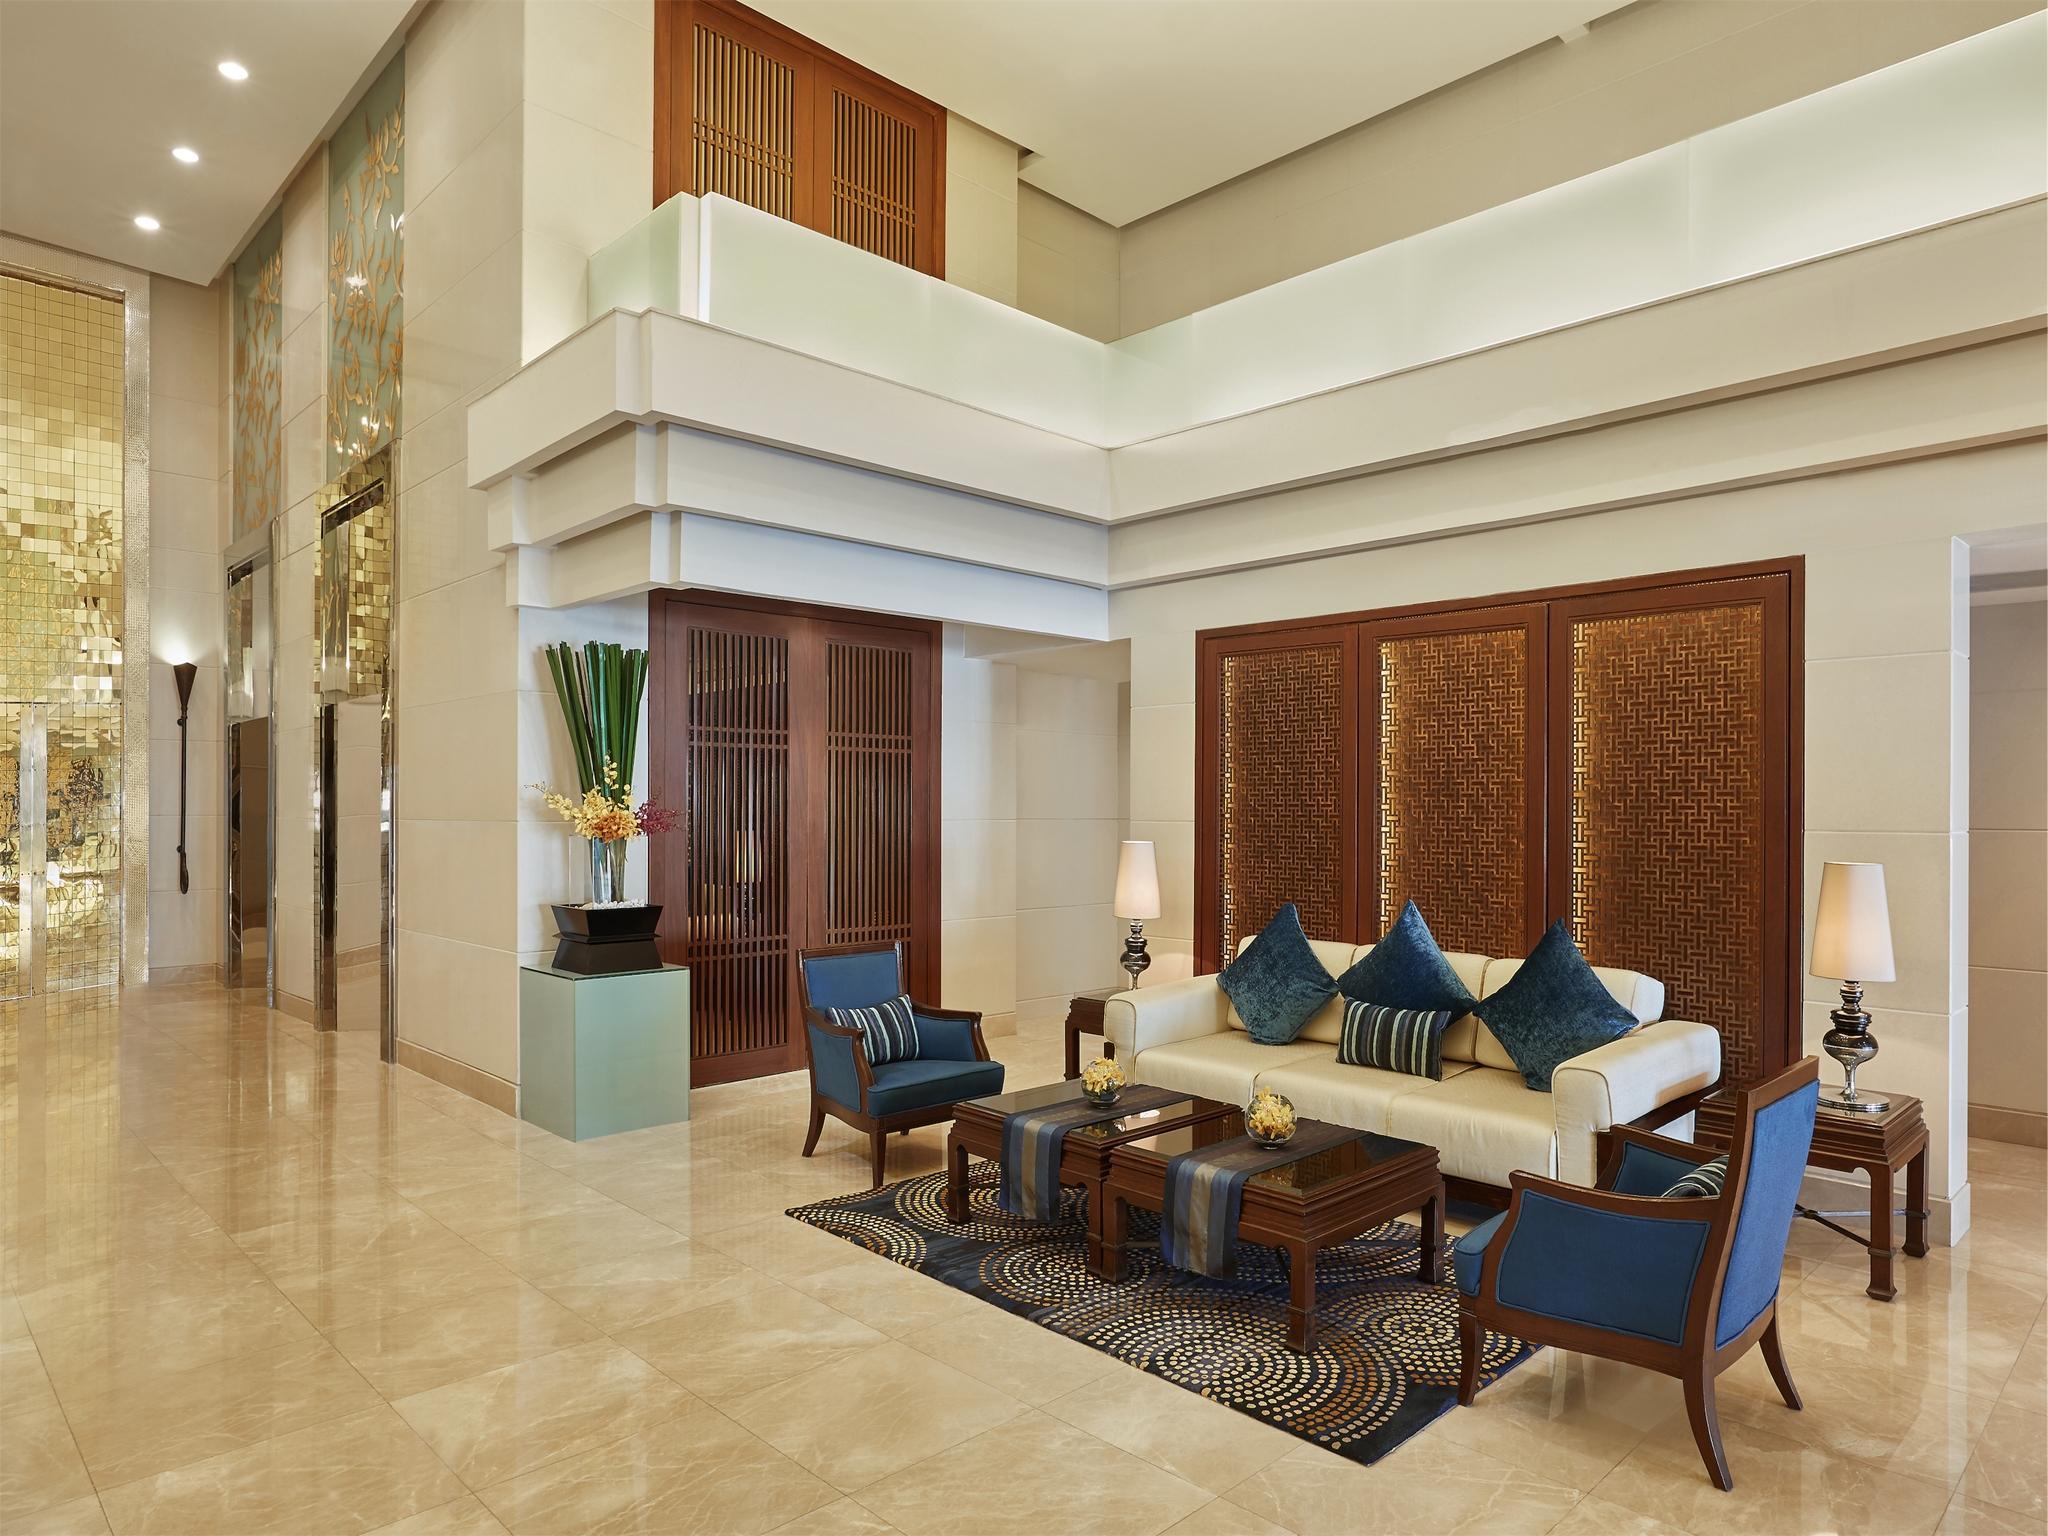 โรงแรมเซ็นเตอร์ พอยต์ สีลม